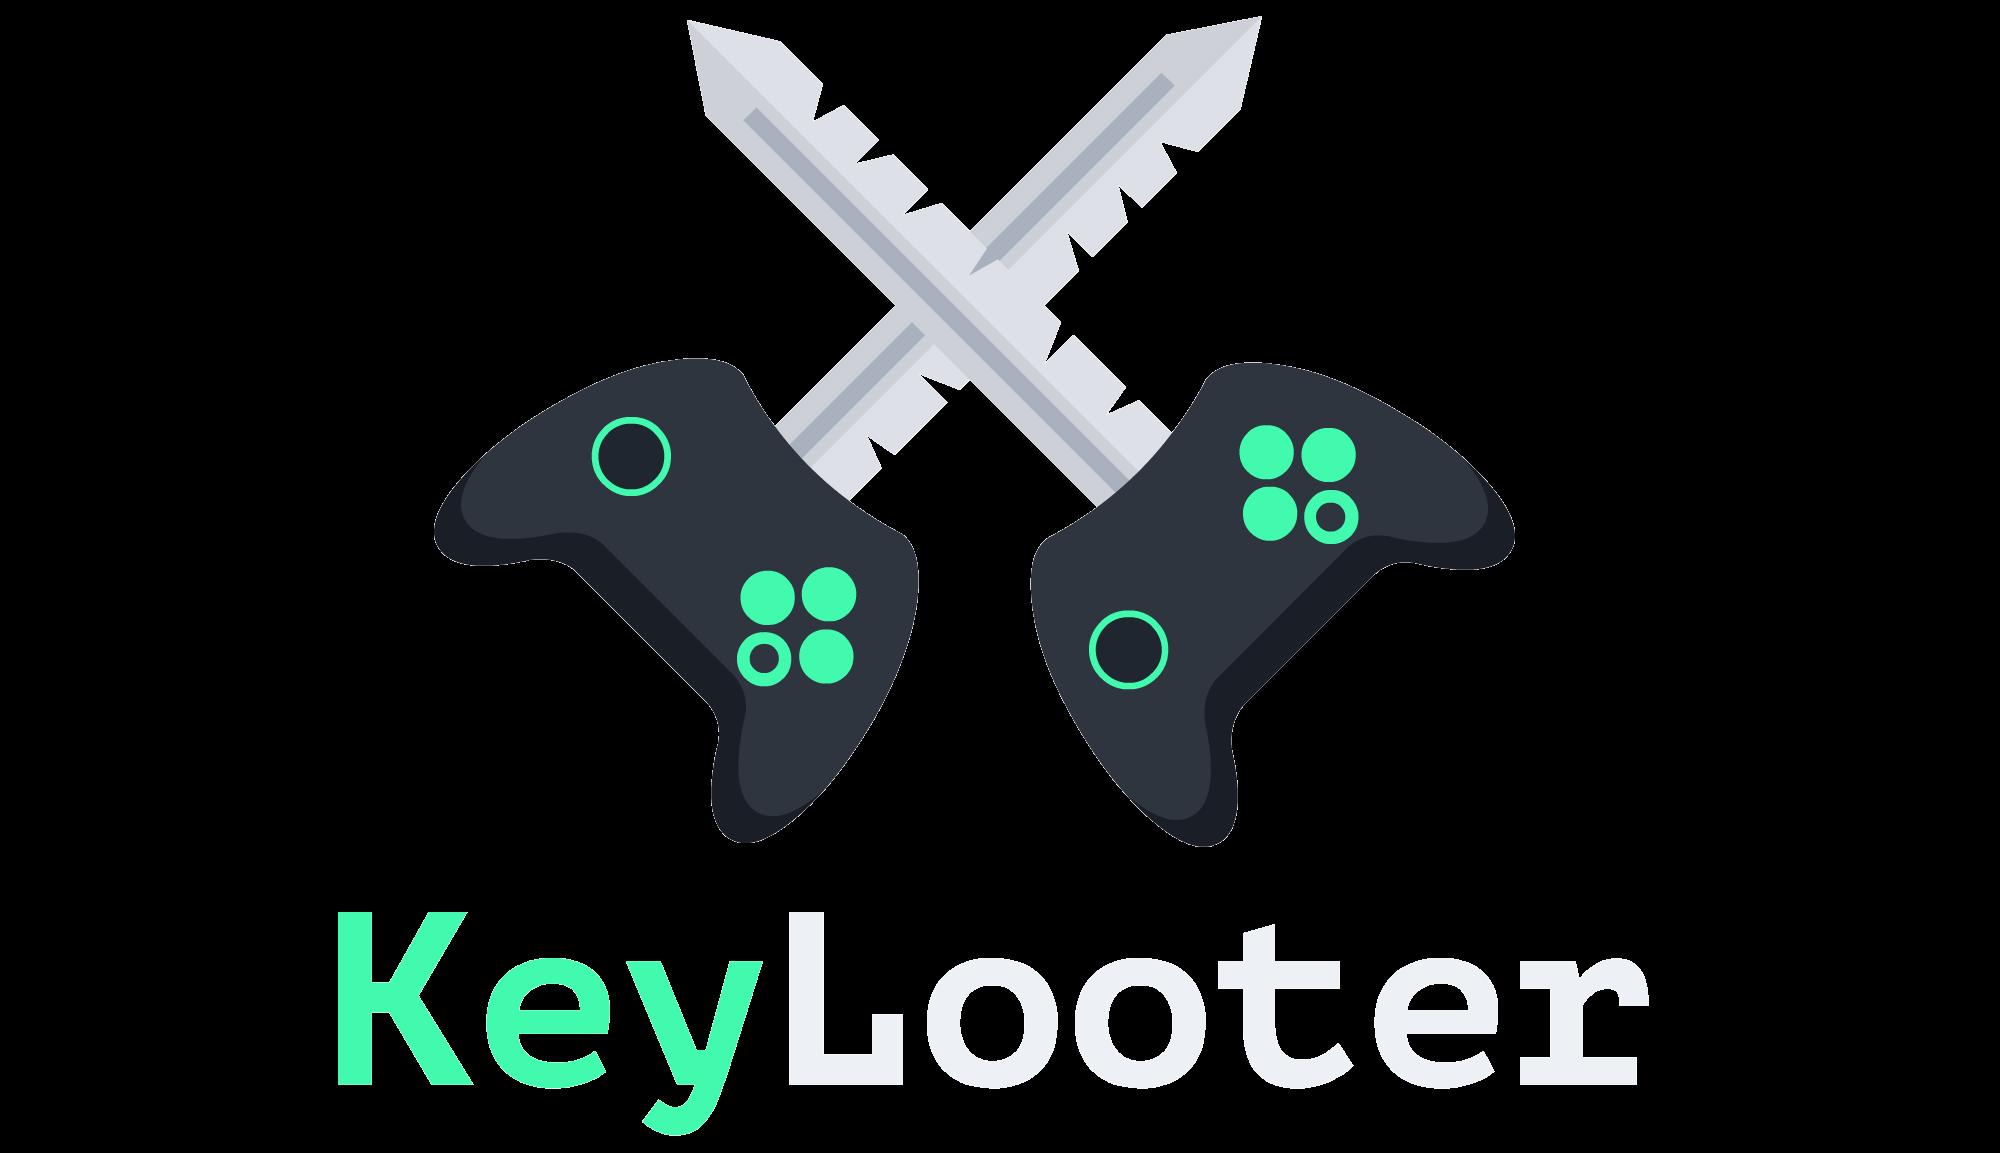 Keylooter